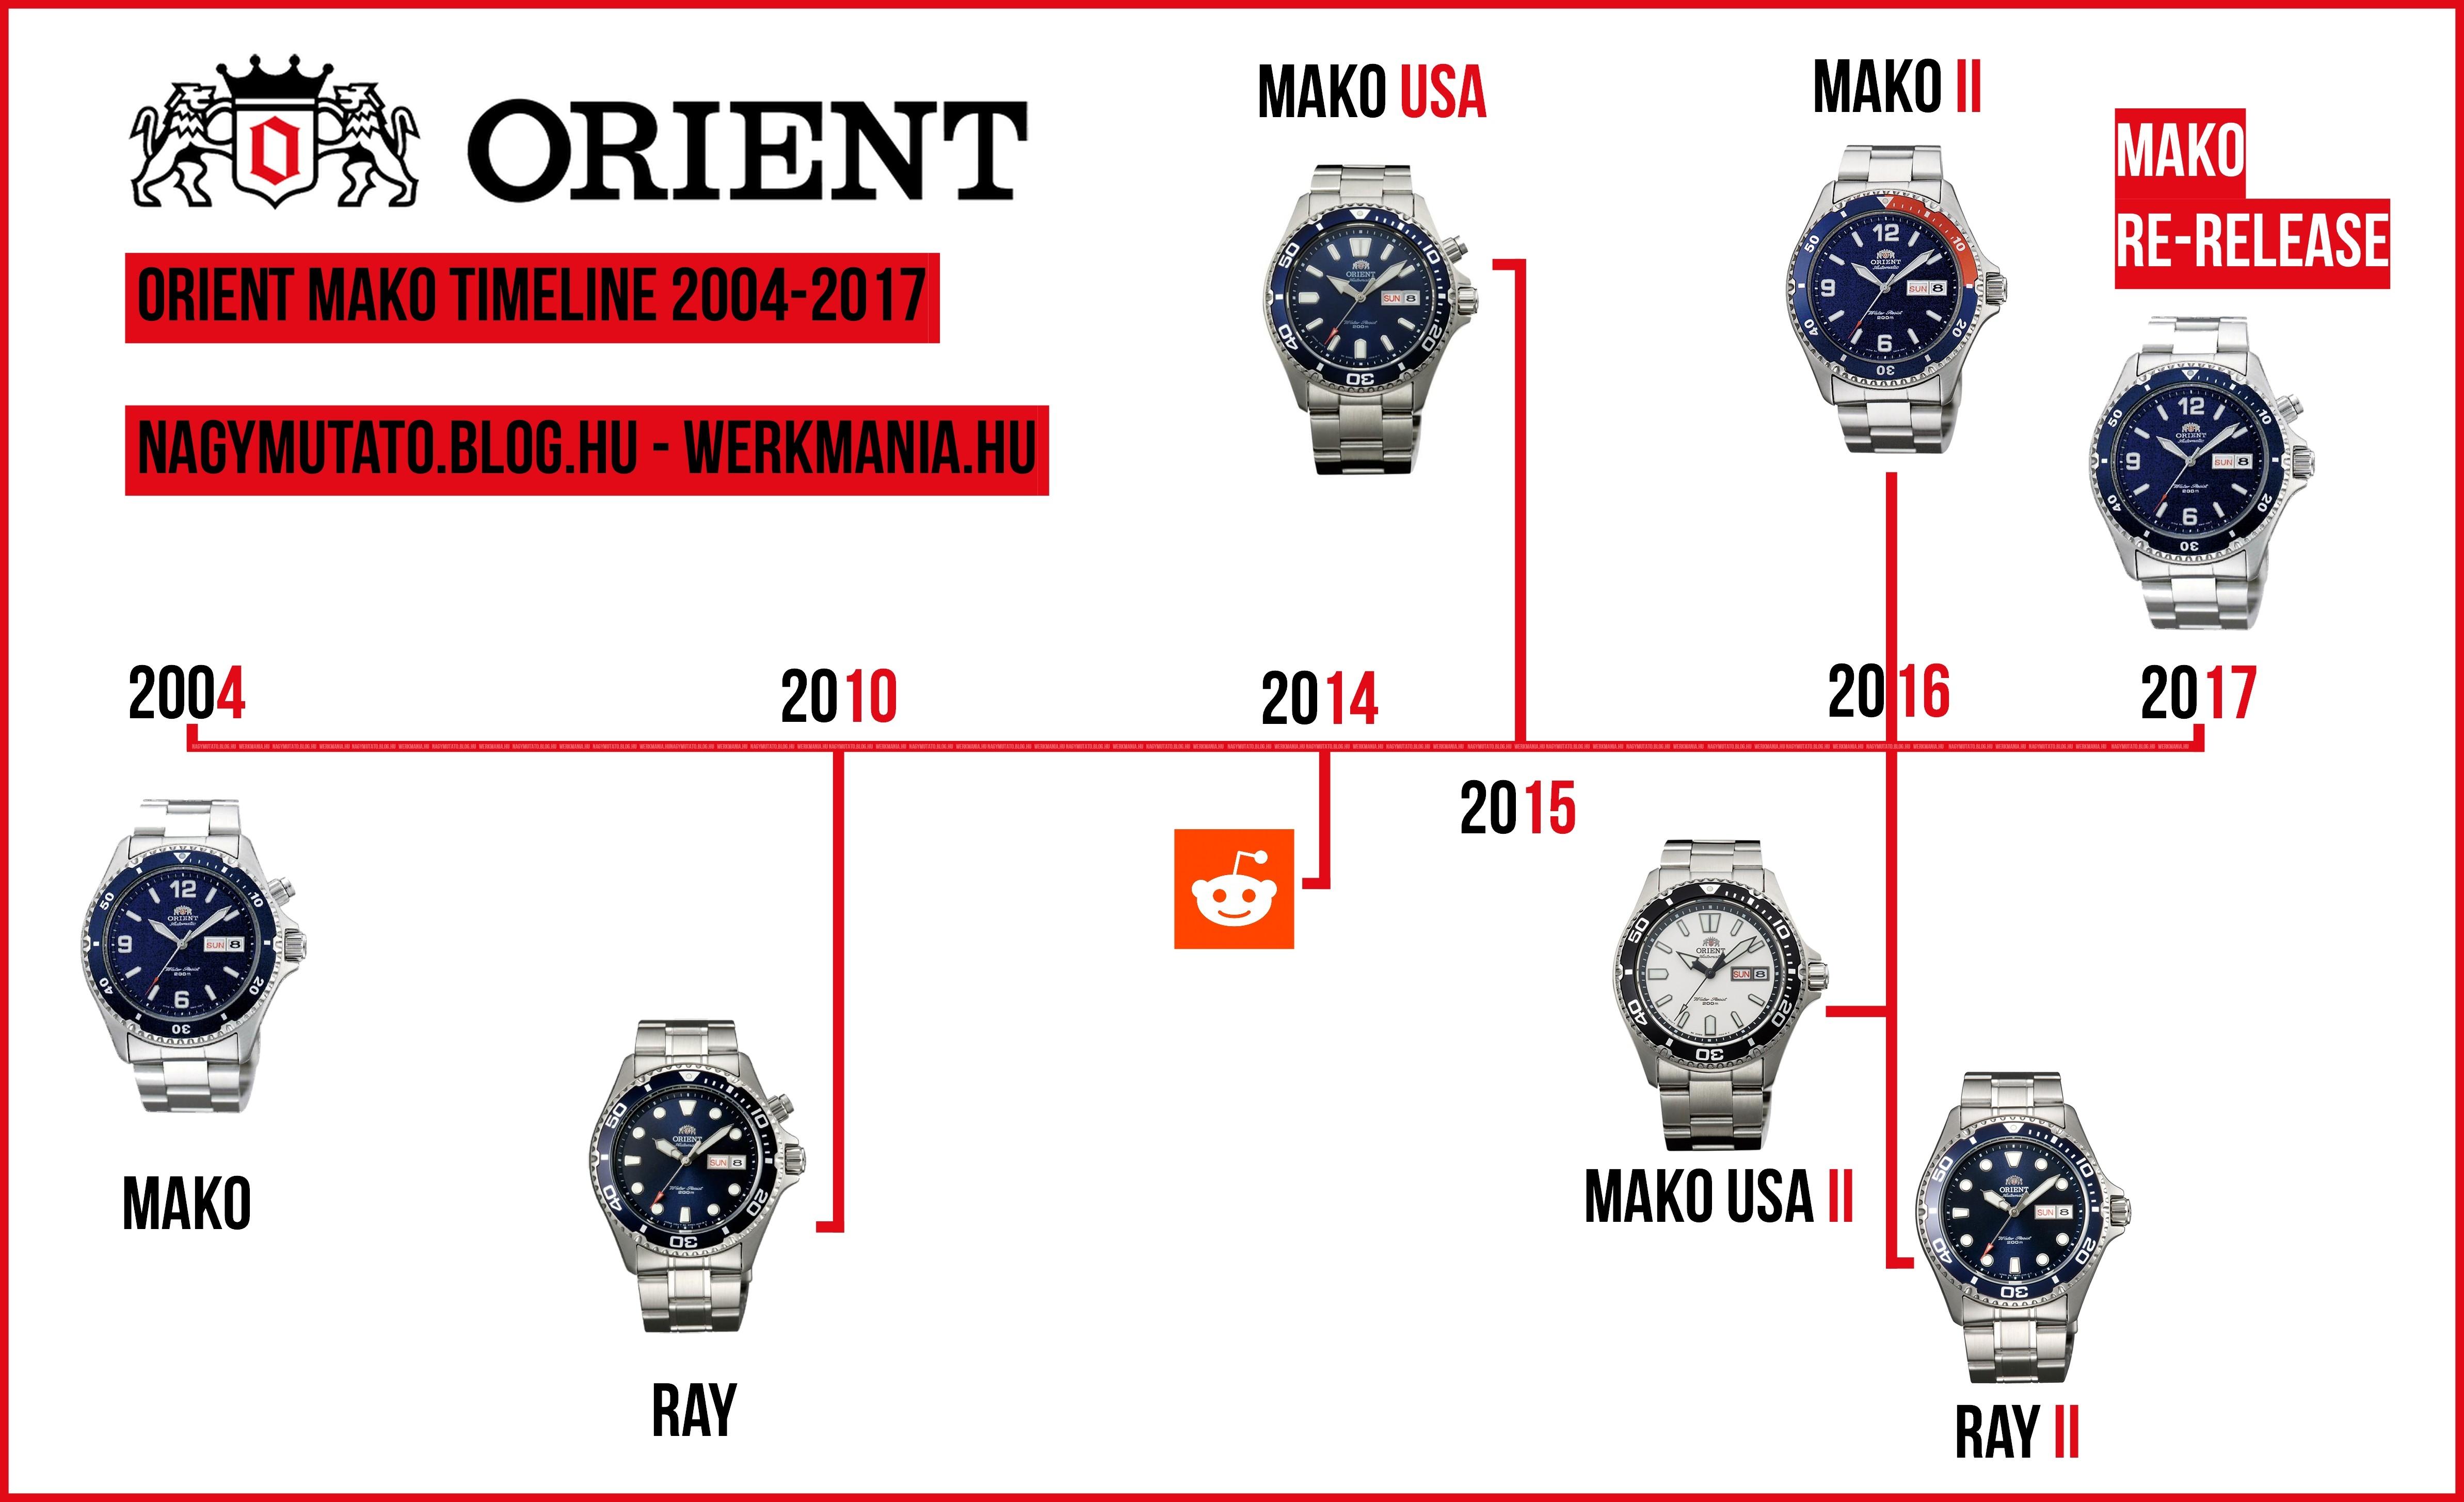 mako-timeline-nagymutato_blog_hu.jpg